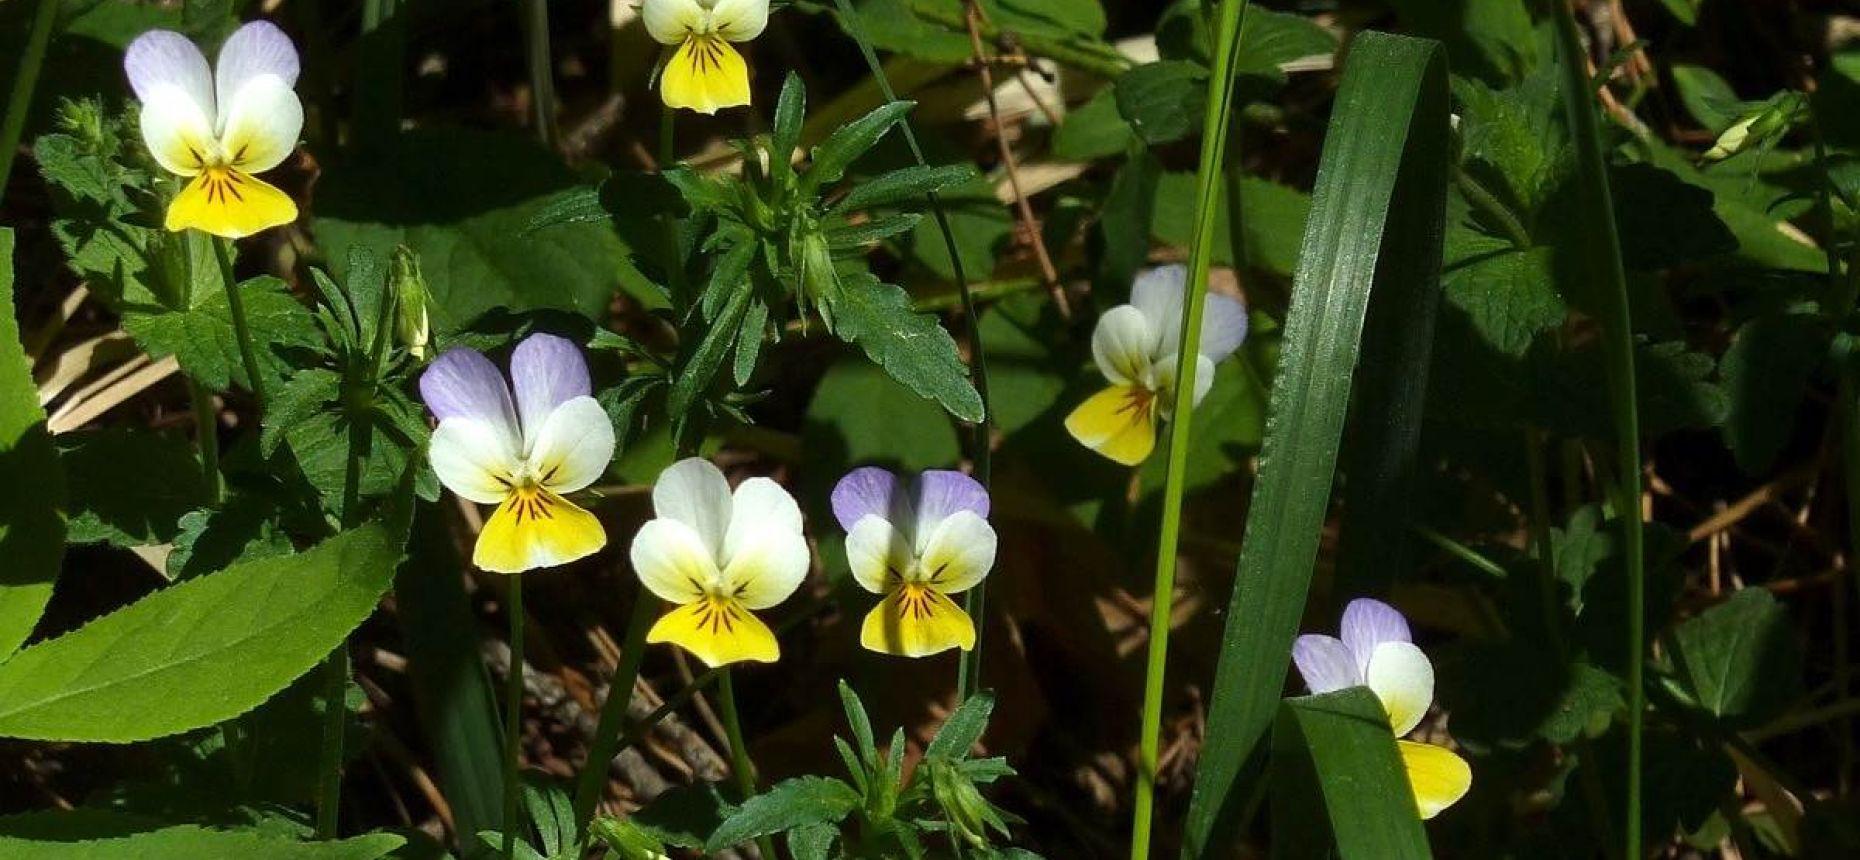 Viola tricolor L. - Фиалка трехцветная, анютины глазки